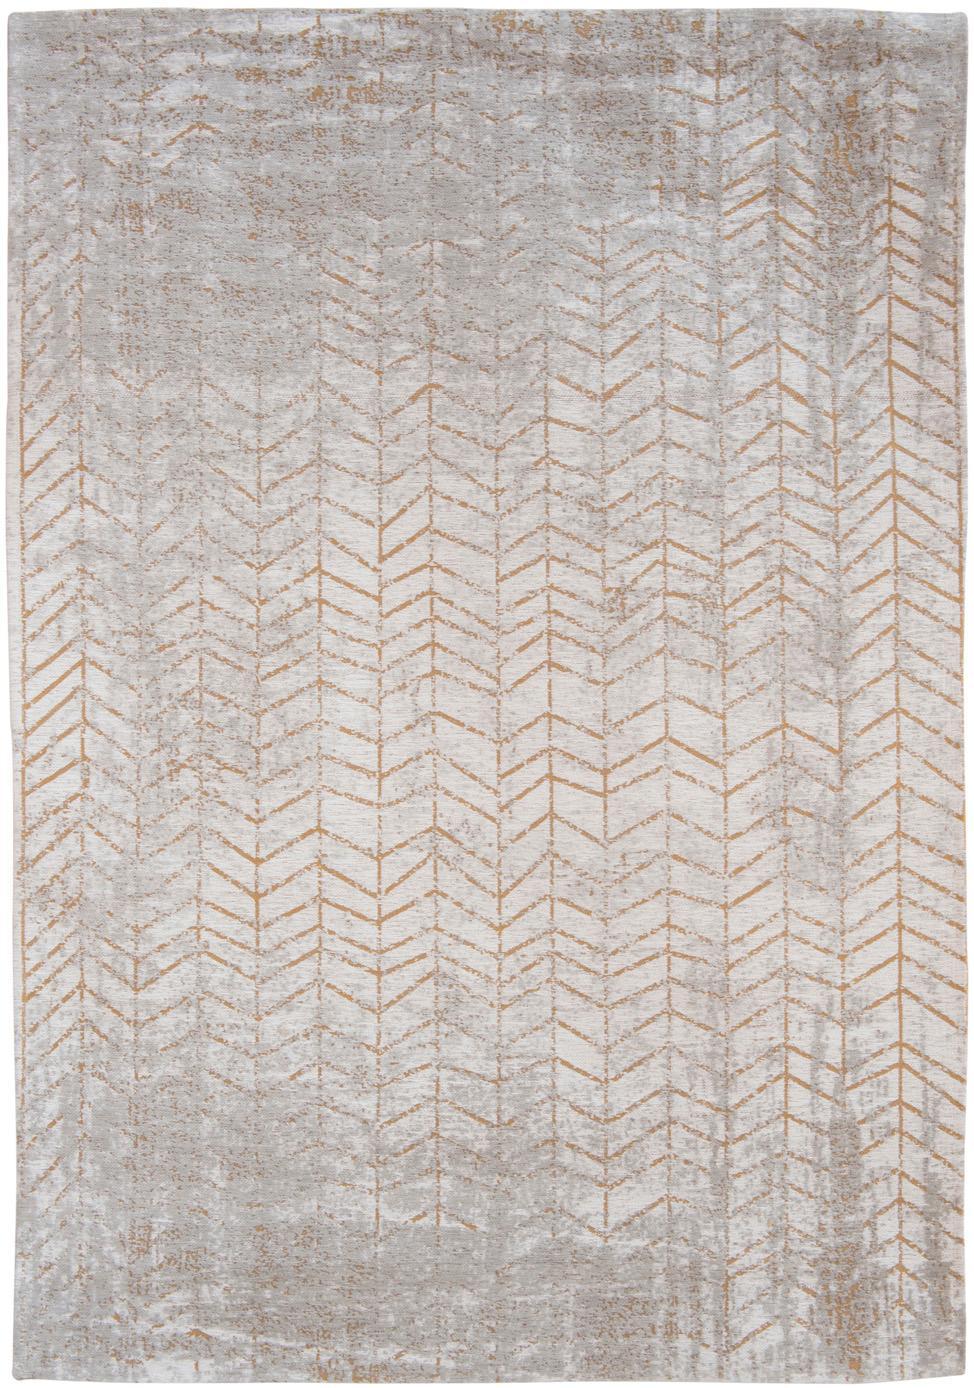 Alfombra J. Ladder, Parte superior: 85%algodón, 15%hilos de, Reverso: mezcla de algodón, recubi, Gris, blanco crudo, dorado, An 140 x L 200  cm(Tamaño S)